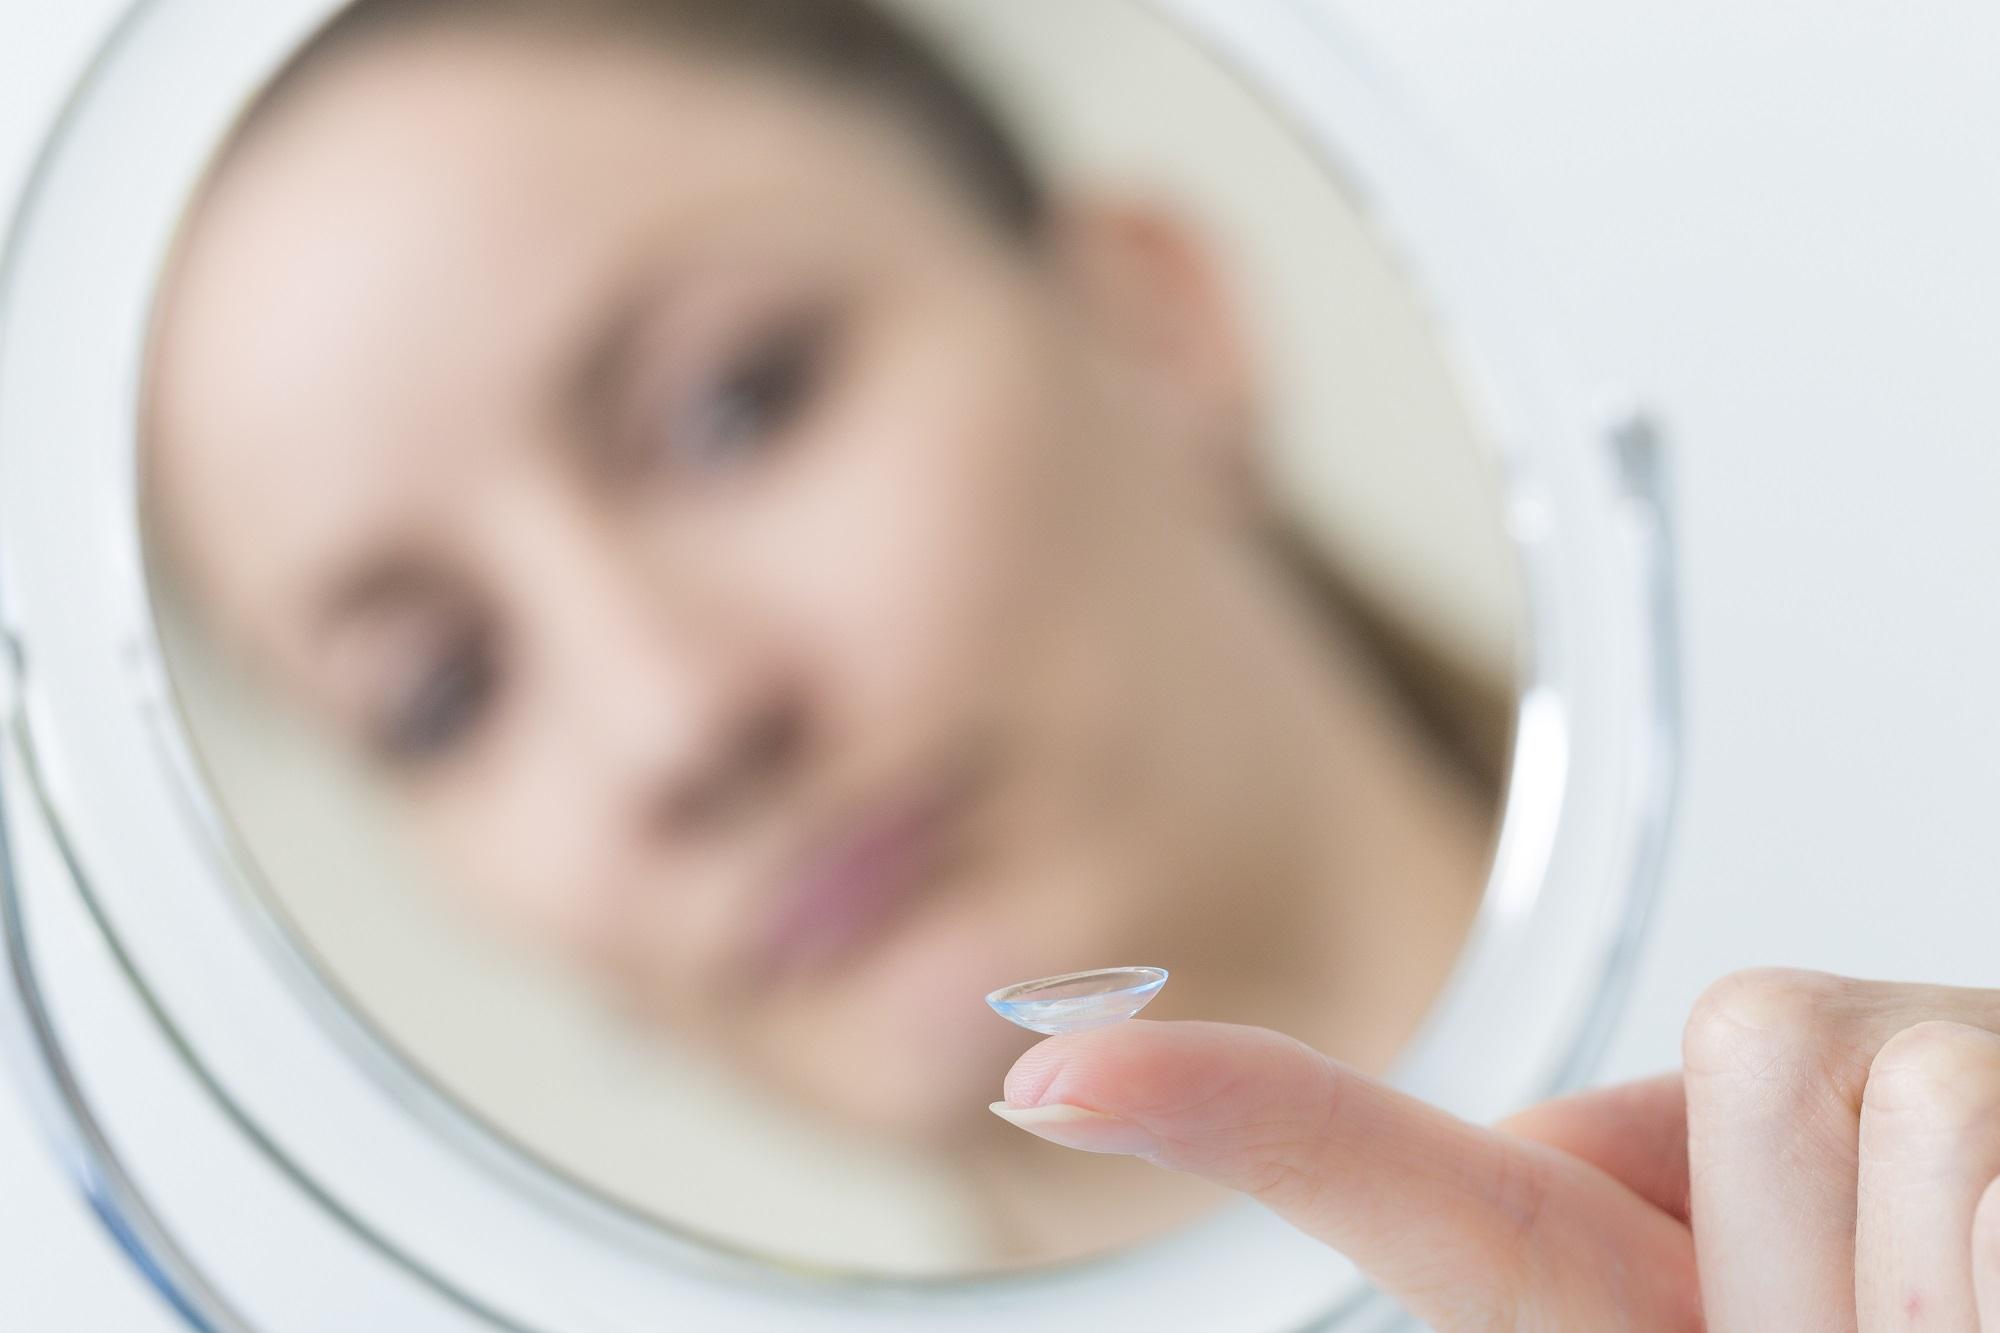 Die-richtige-Kontaktlinsenpflege-Bild-14hr7Qz2axJ1i8